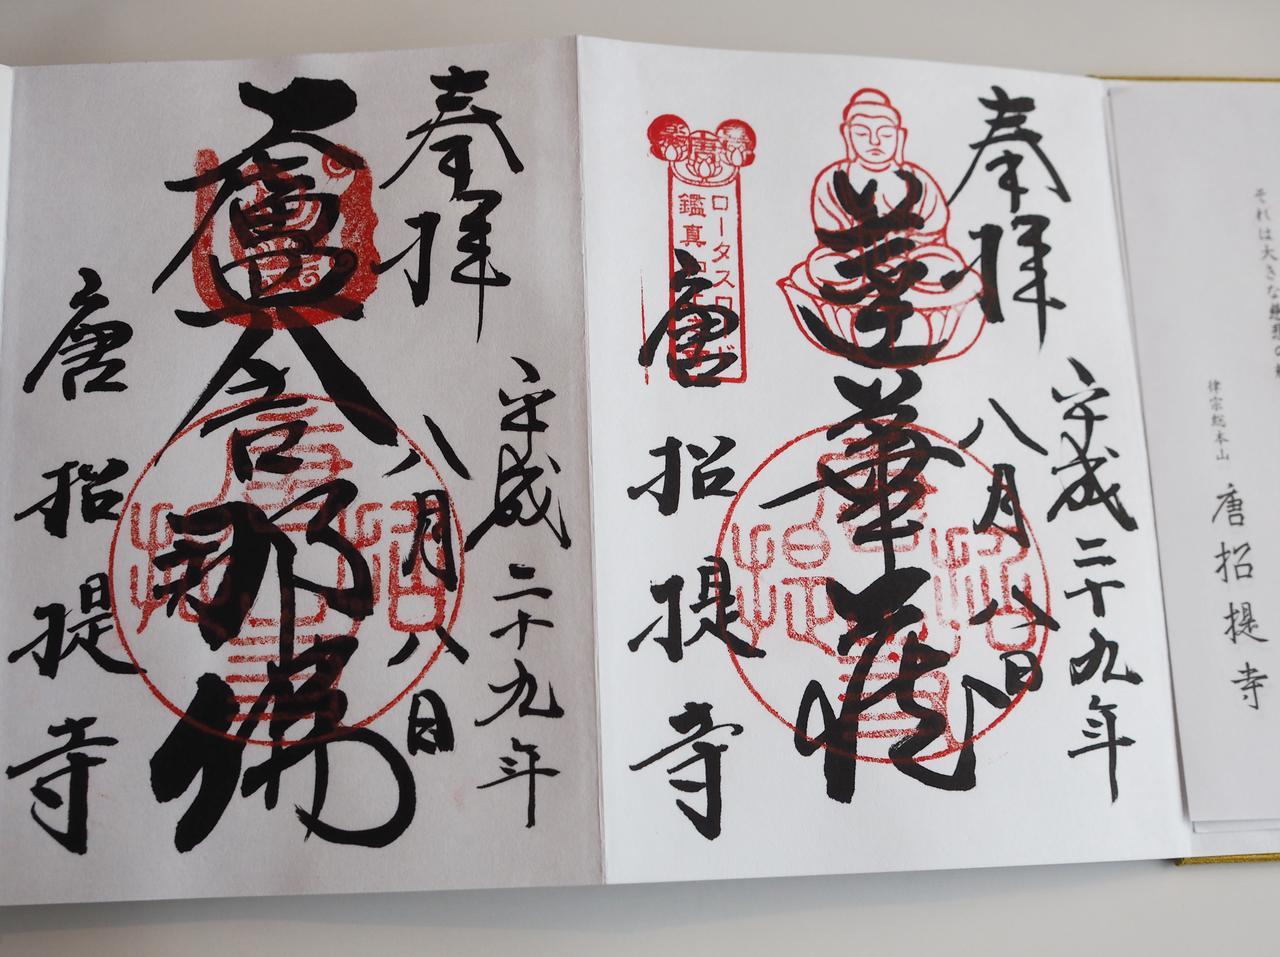 画像1: 右側が特別ご朱印、左側が通常ご朱印です。